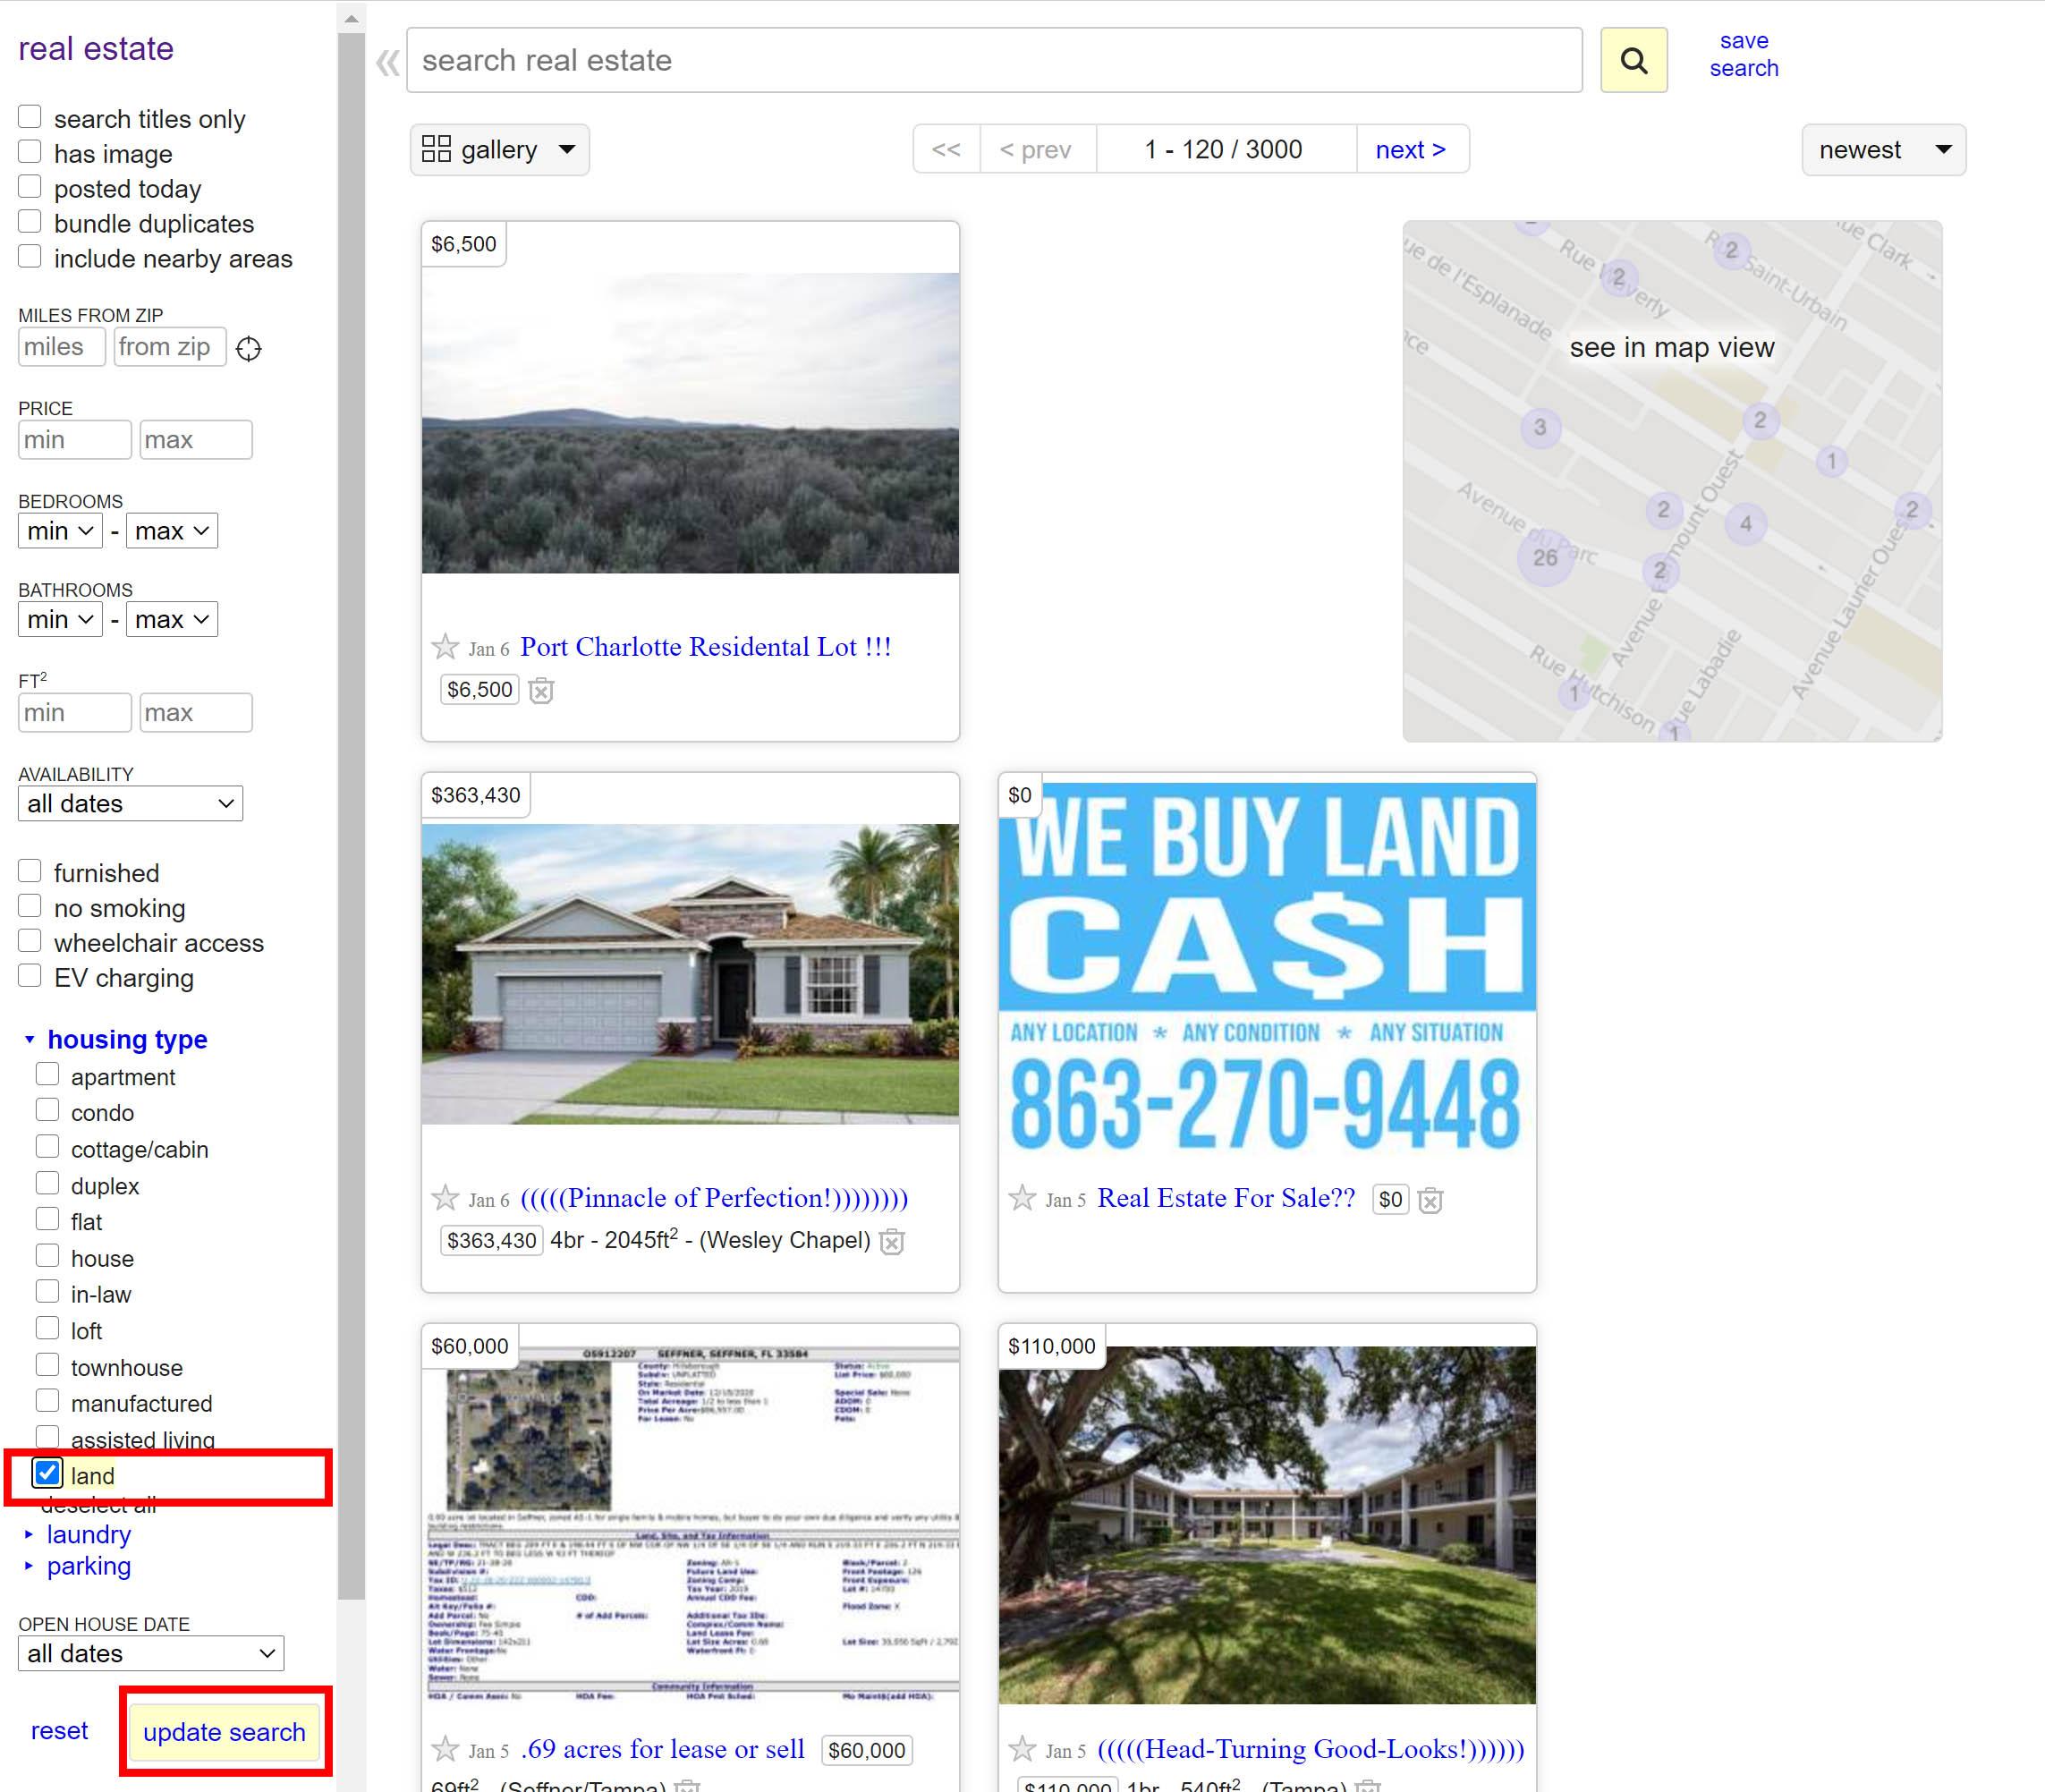 craigslist-land-for-sale